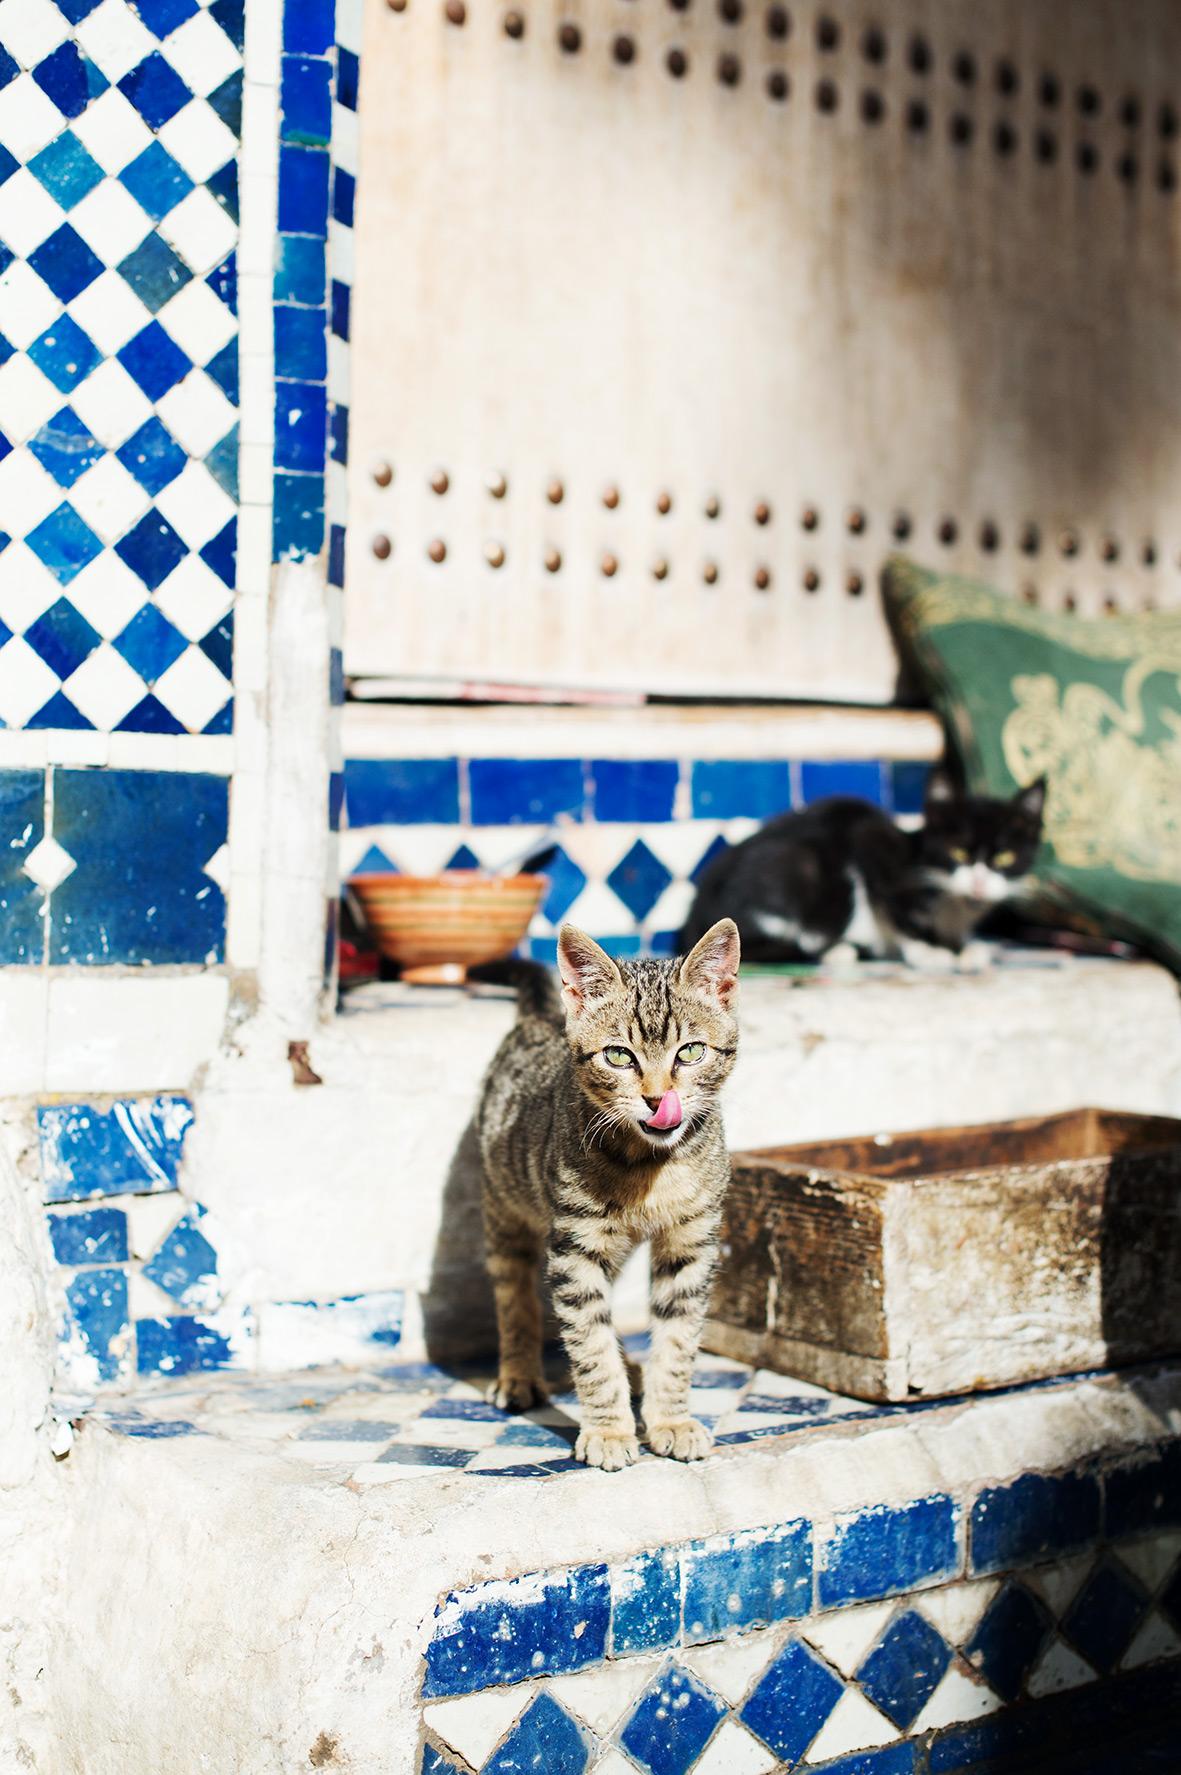 Katze in Fes Marokko, Bild aus Afrika erhältlich im Onlineshop